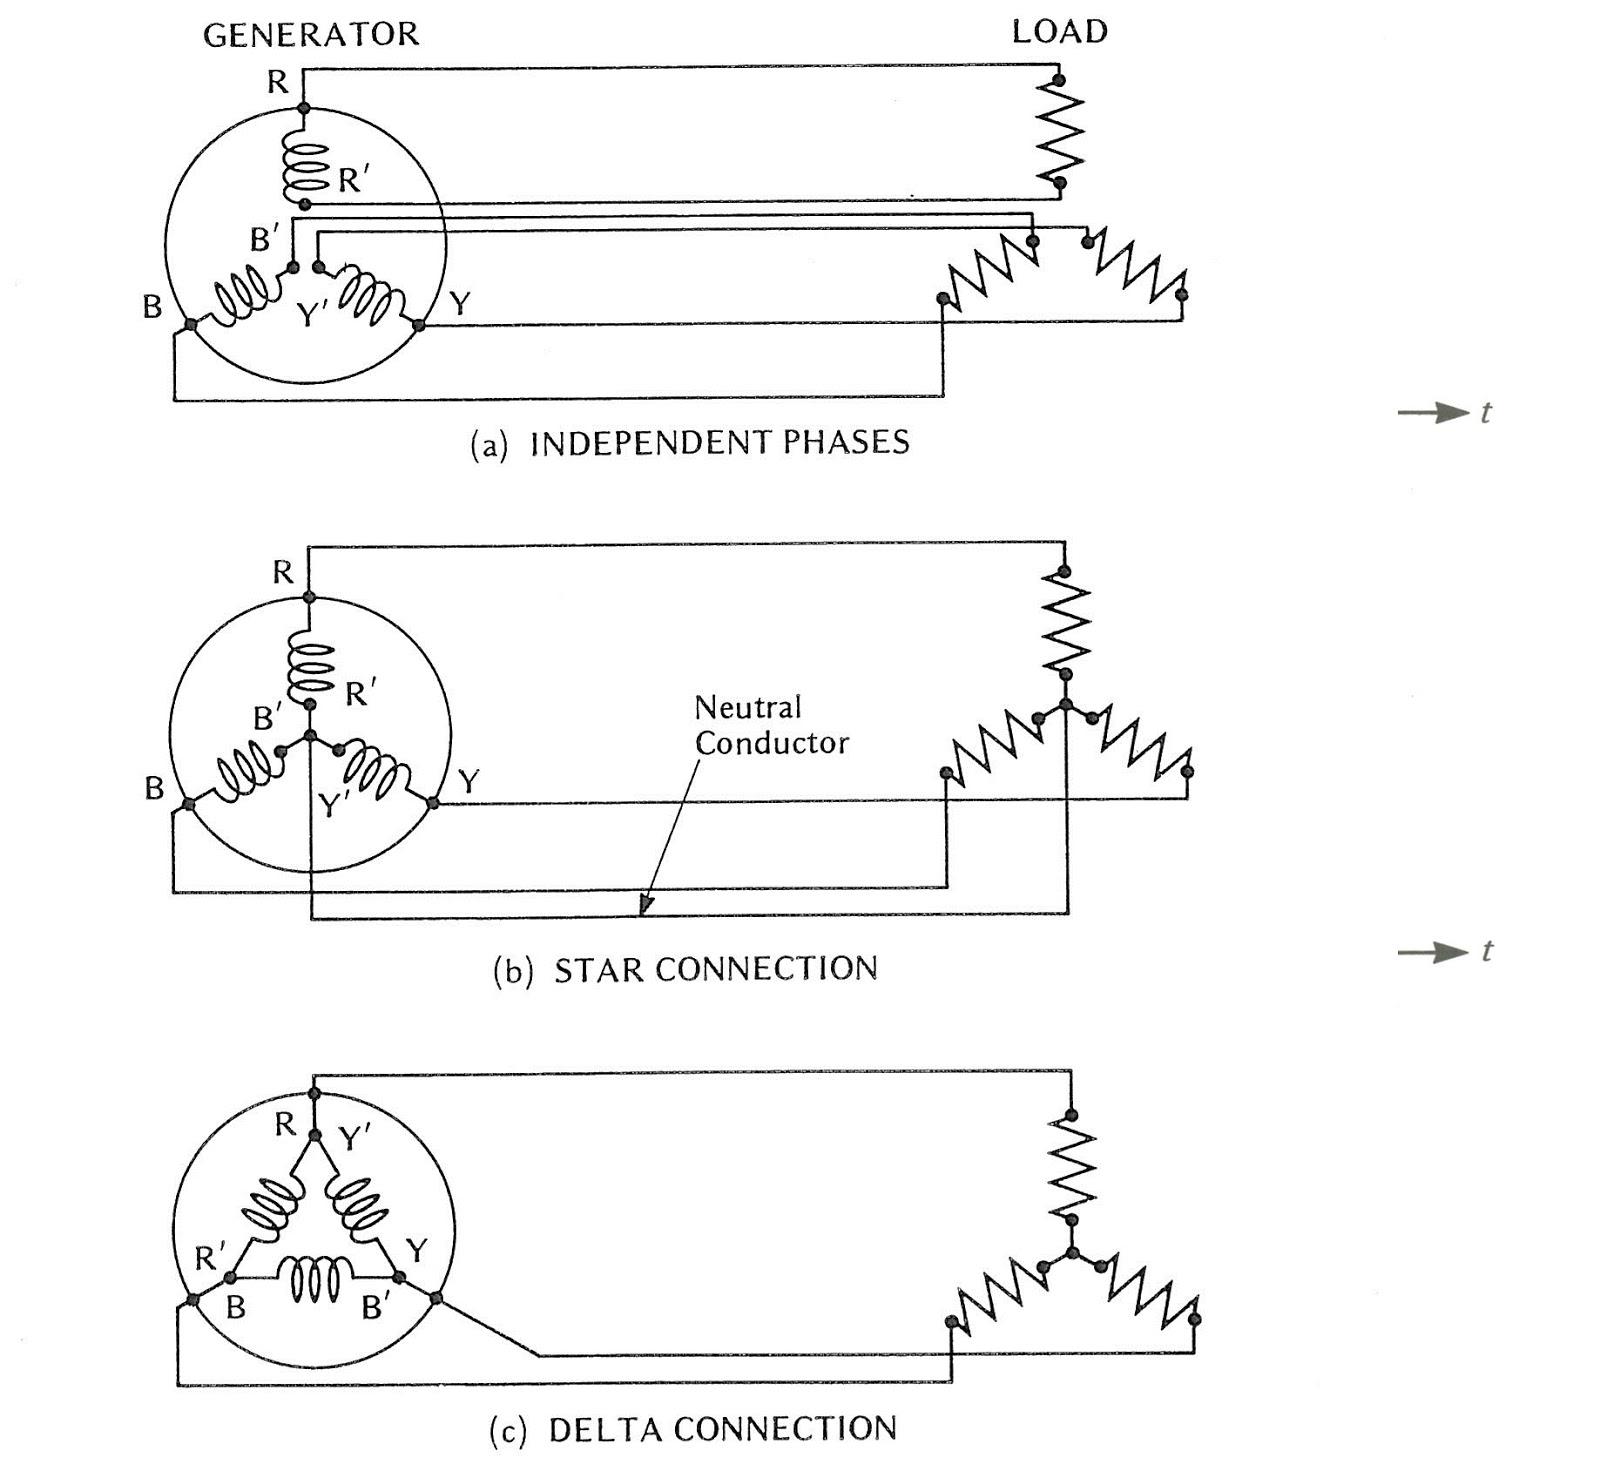 3 Phase Generator Wiring Diagram: Stunning 3 Phase Generator Wiring Diagram Ideas - Electrical and ,Design